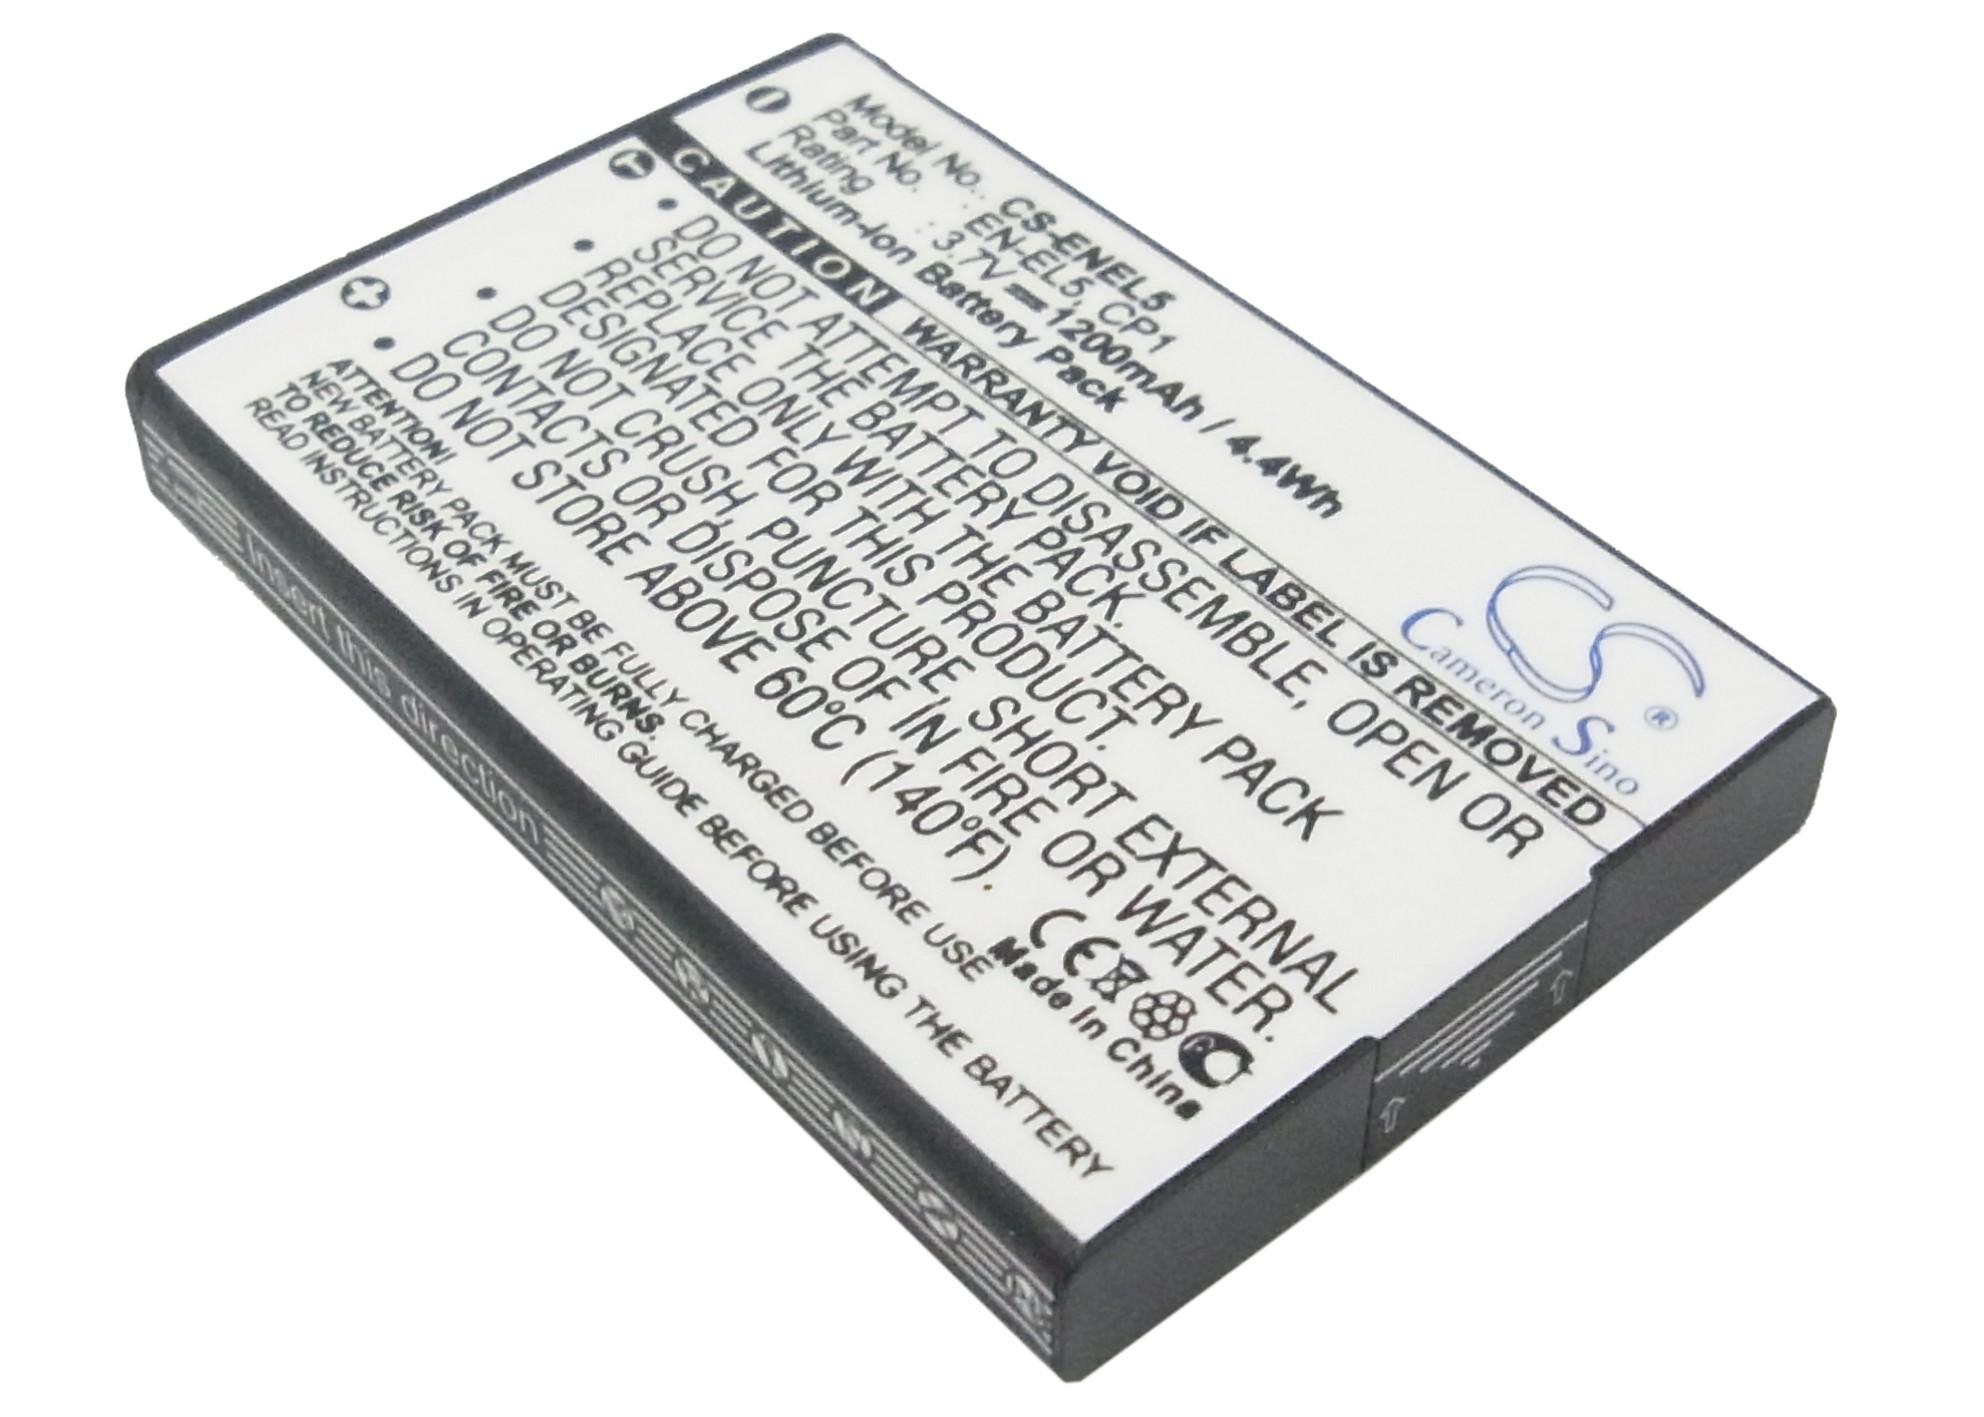 Cameron Sino baterie do kamer a fotoaparátů pro NIKON Coolpix 4200 3.7V Li-ion 1200mAh černá - neoriginální